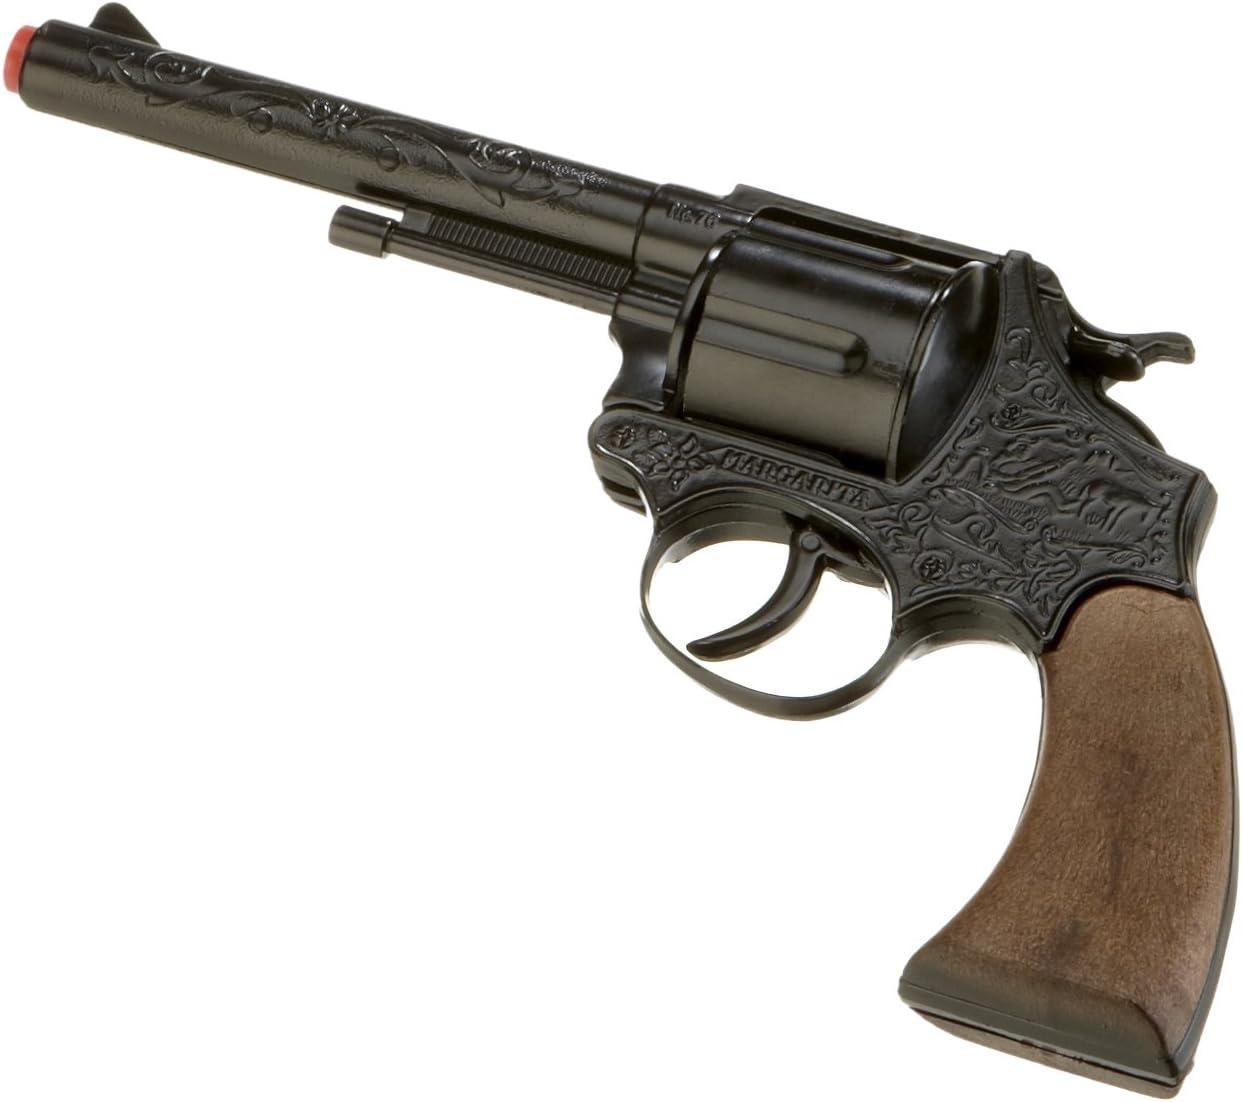 Gonher 76/6-12-disparo de revólver Margarita 23 cm, negro